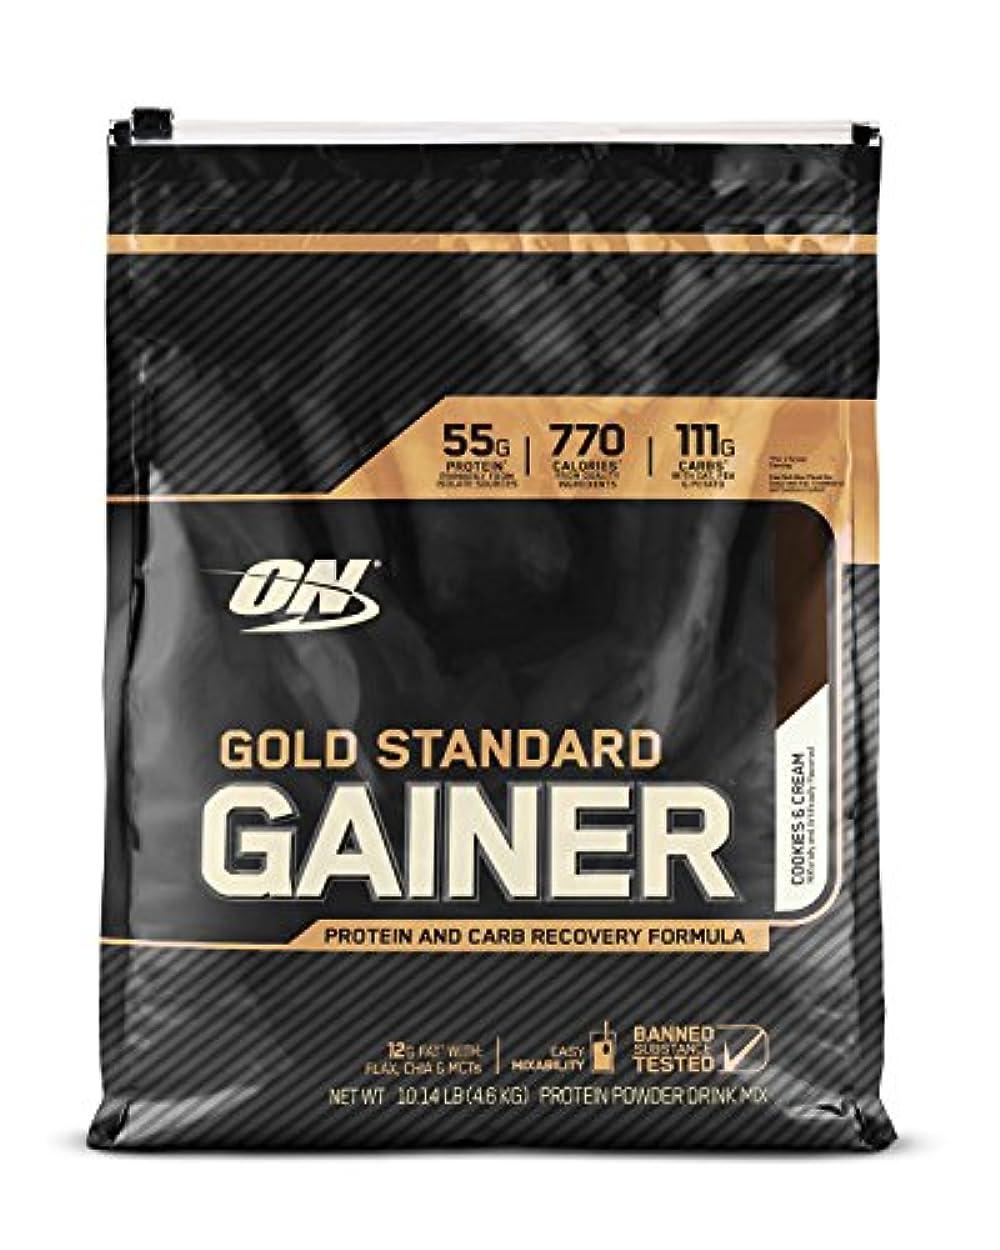 子孫ブロンズゲインセイゴールドスタンダード ゲイナー 10LB クッキークリーム (Gold Standard Gainer 10LB Cookies & Cream) [海外直送品]